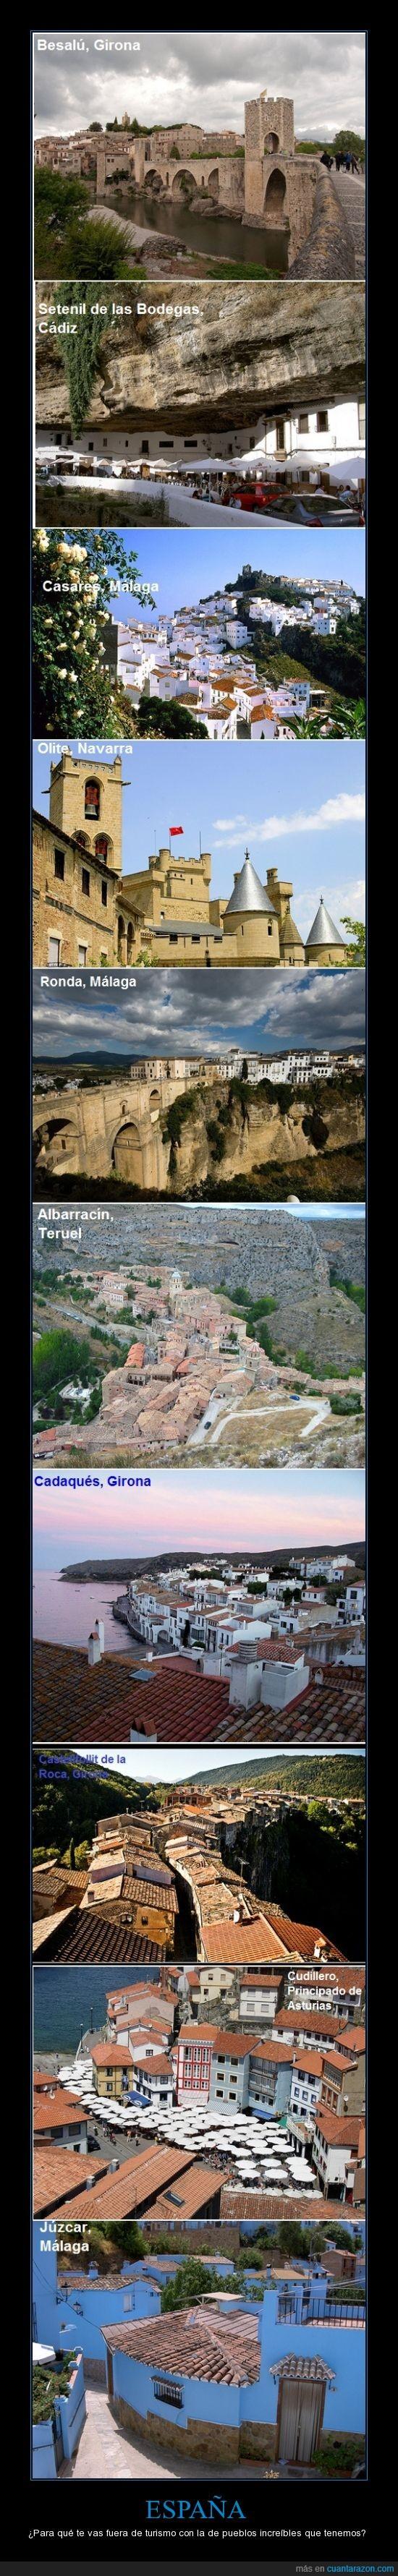 españa,guays,interesante,pueblos,turismo